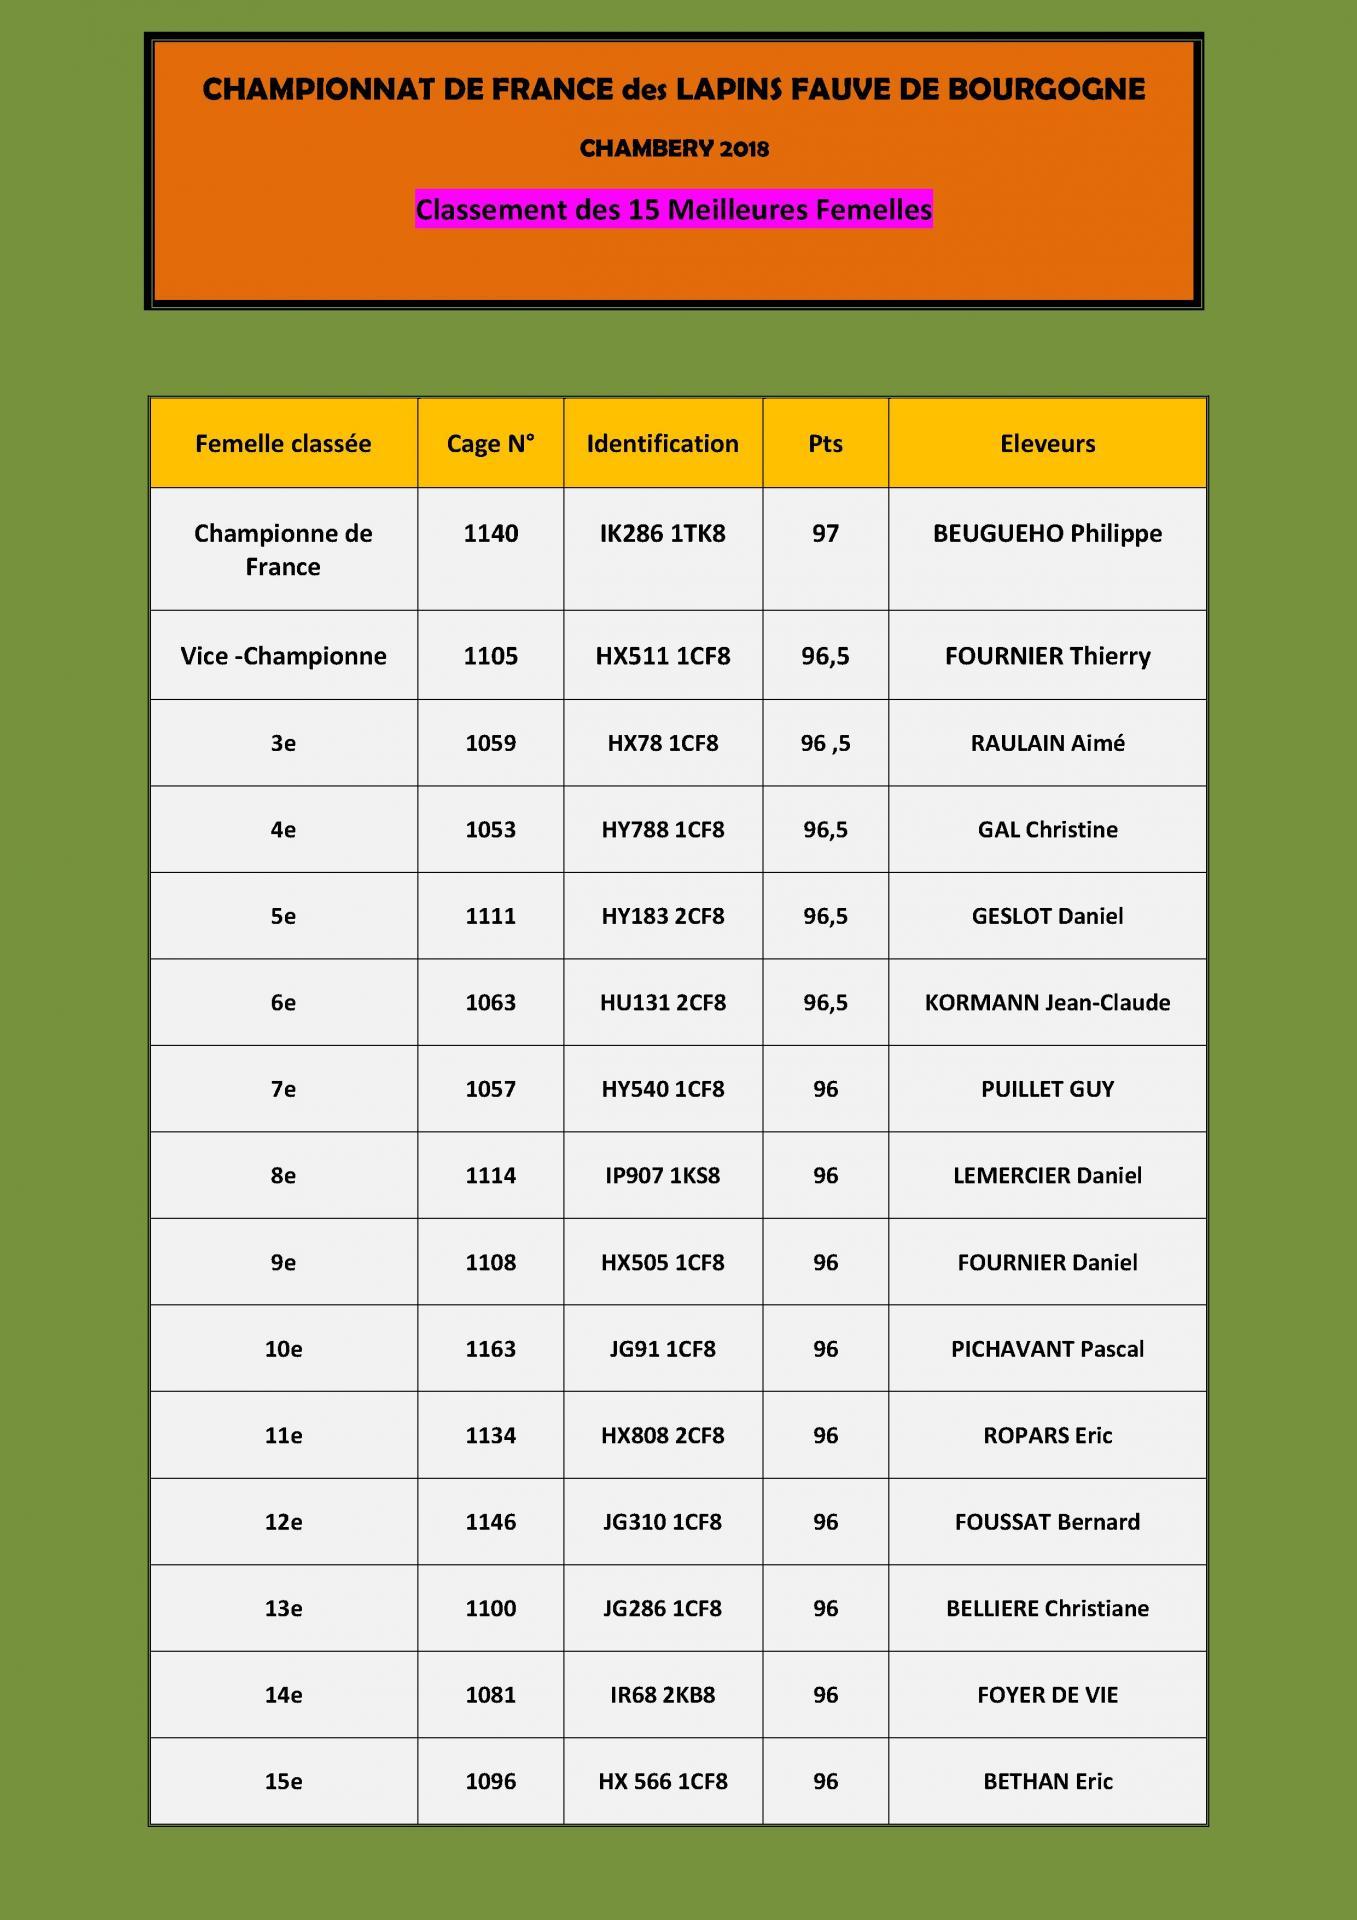 Chambery classement des 15 femelles pour le site 01